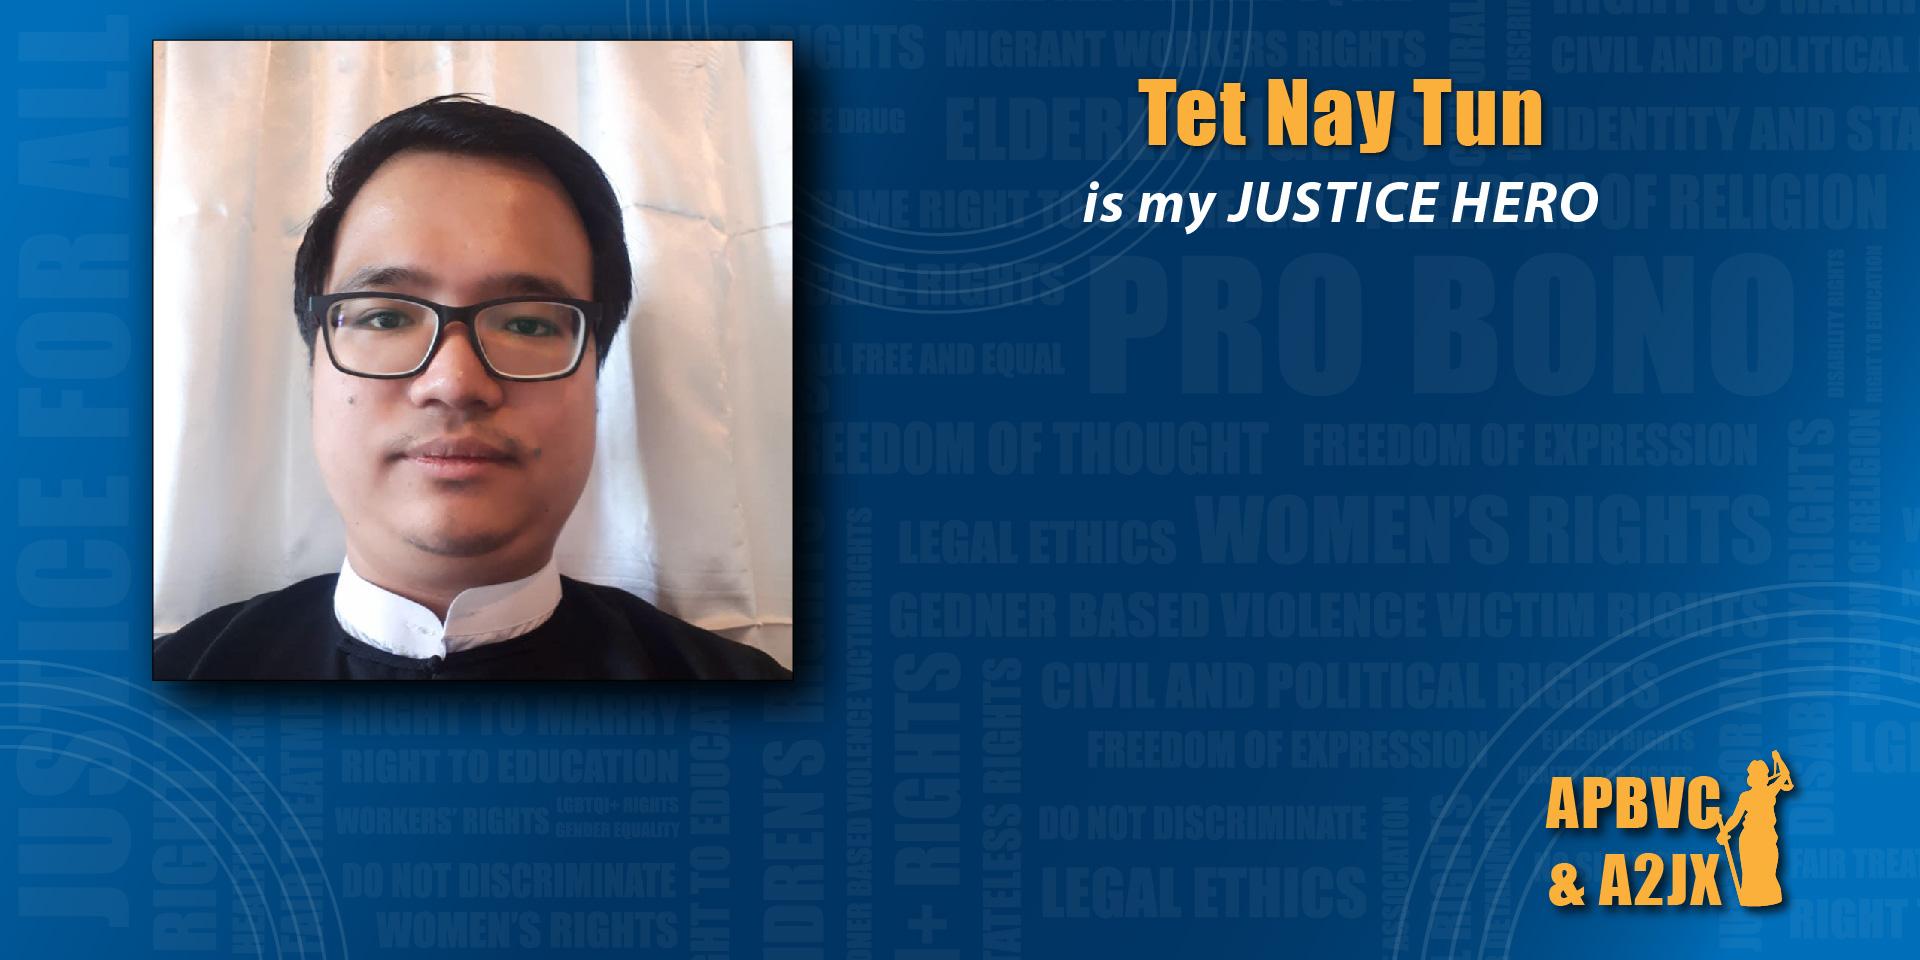 Tet Nay Tun